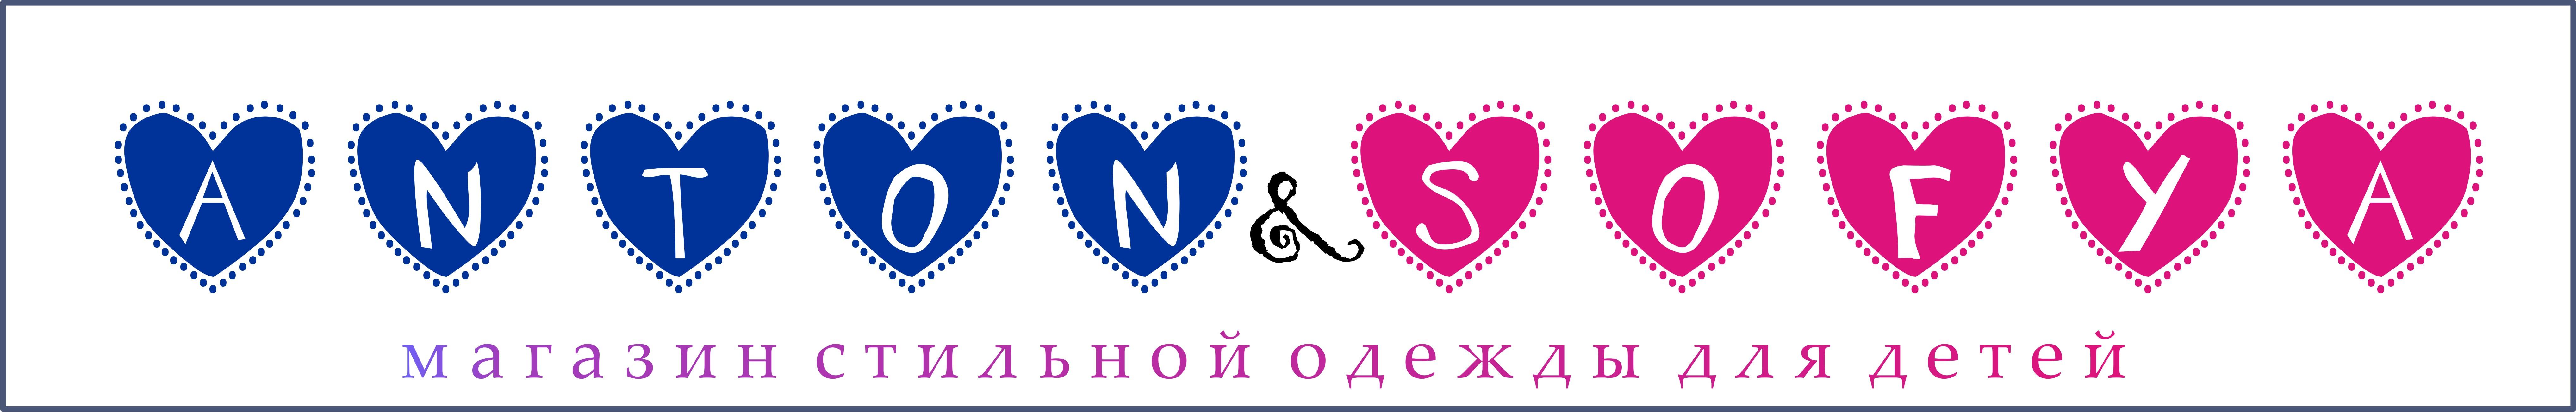 Логотип и вывеска для магазина детской одежды фото f_4c84fde87e007.jpg